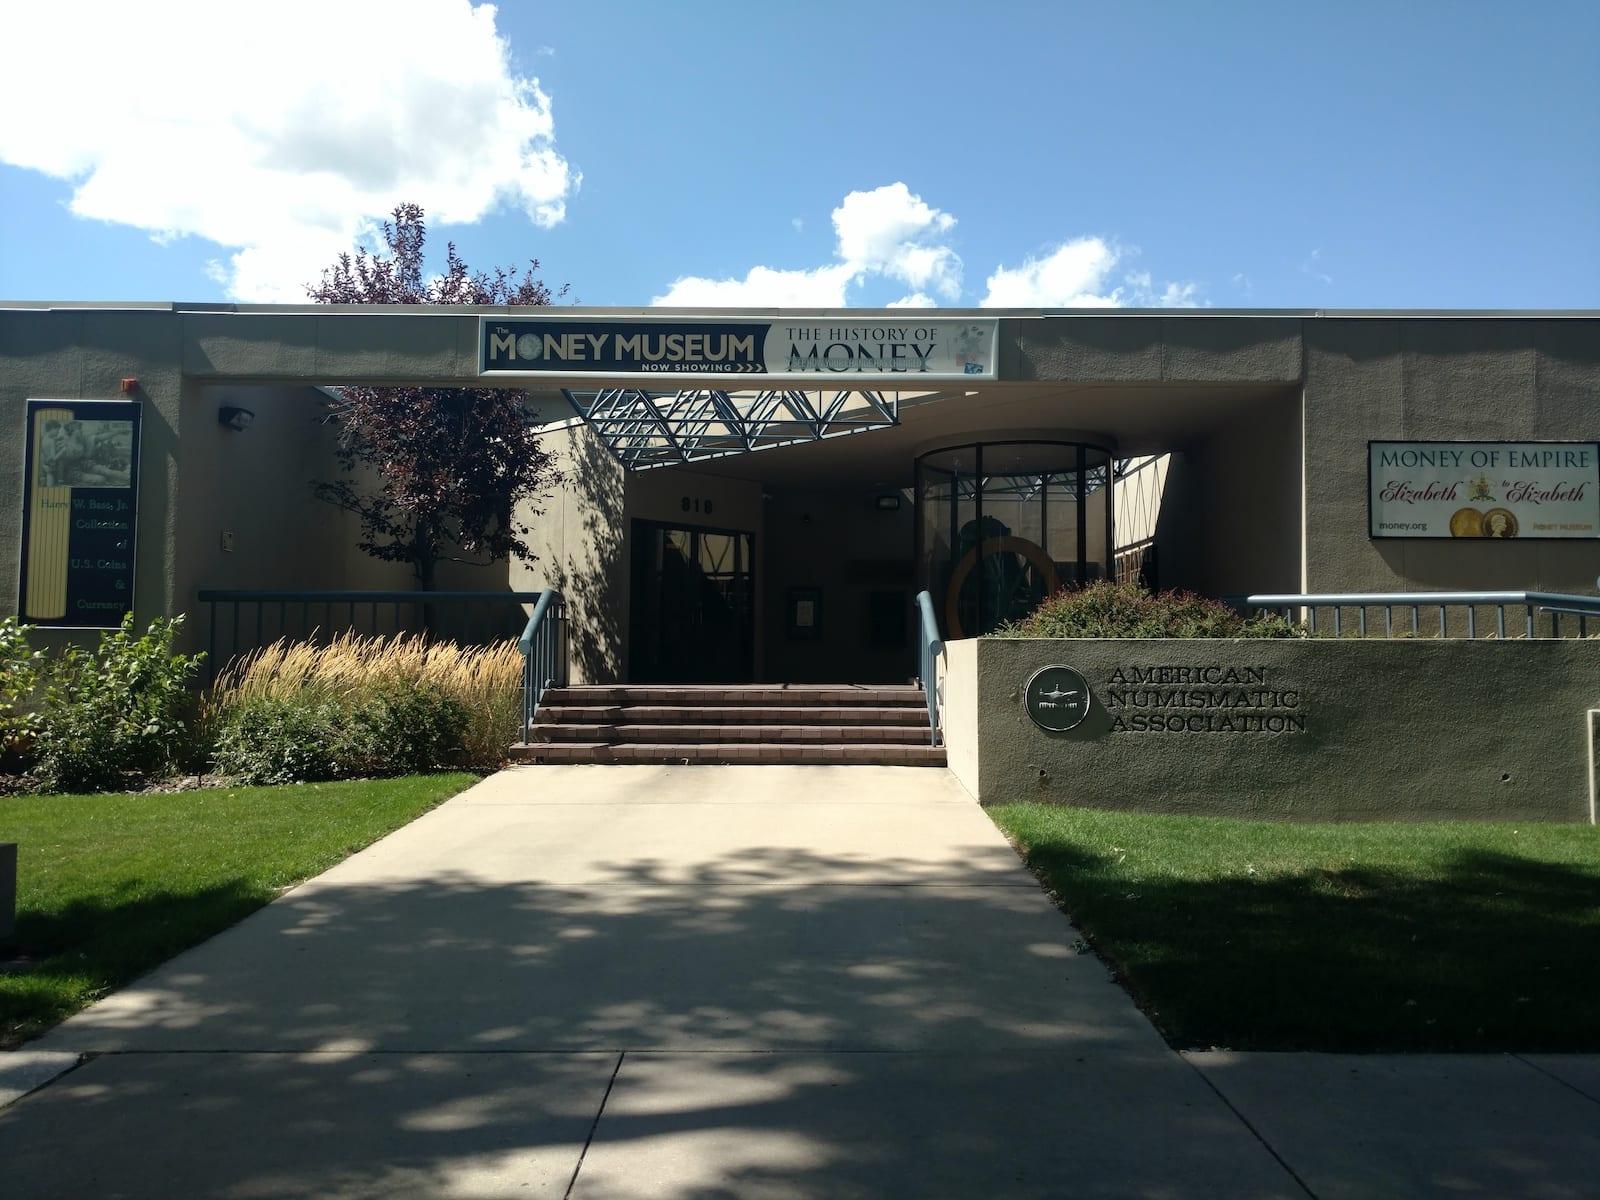 American Numismatic Association Money Museum Colorado Springs